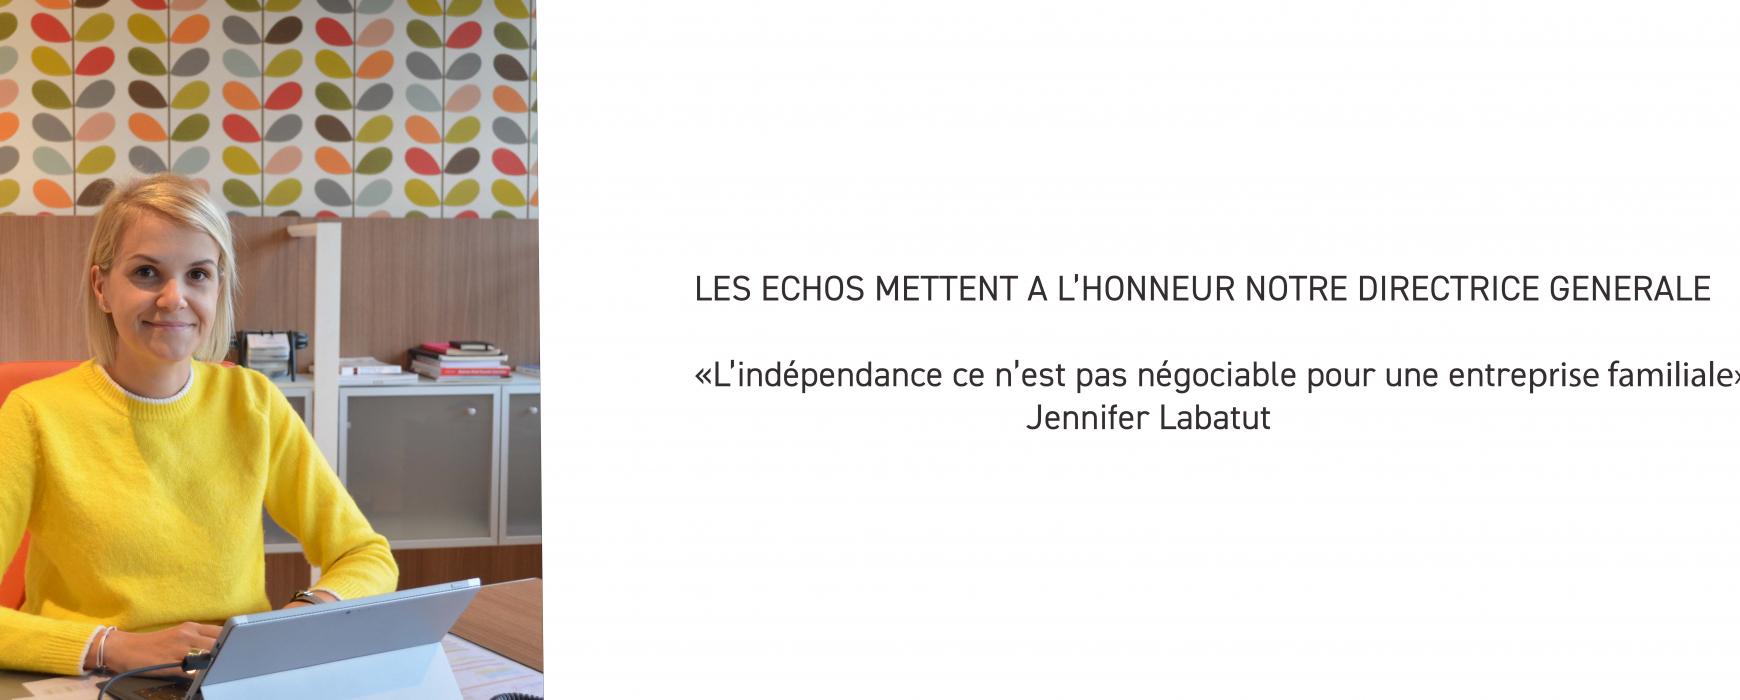 [PRESSE]L'indépendance pour une entreprise familiale !